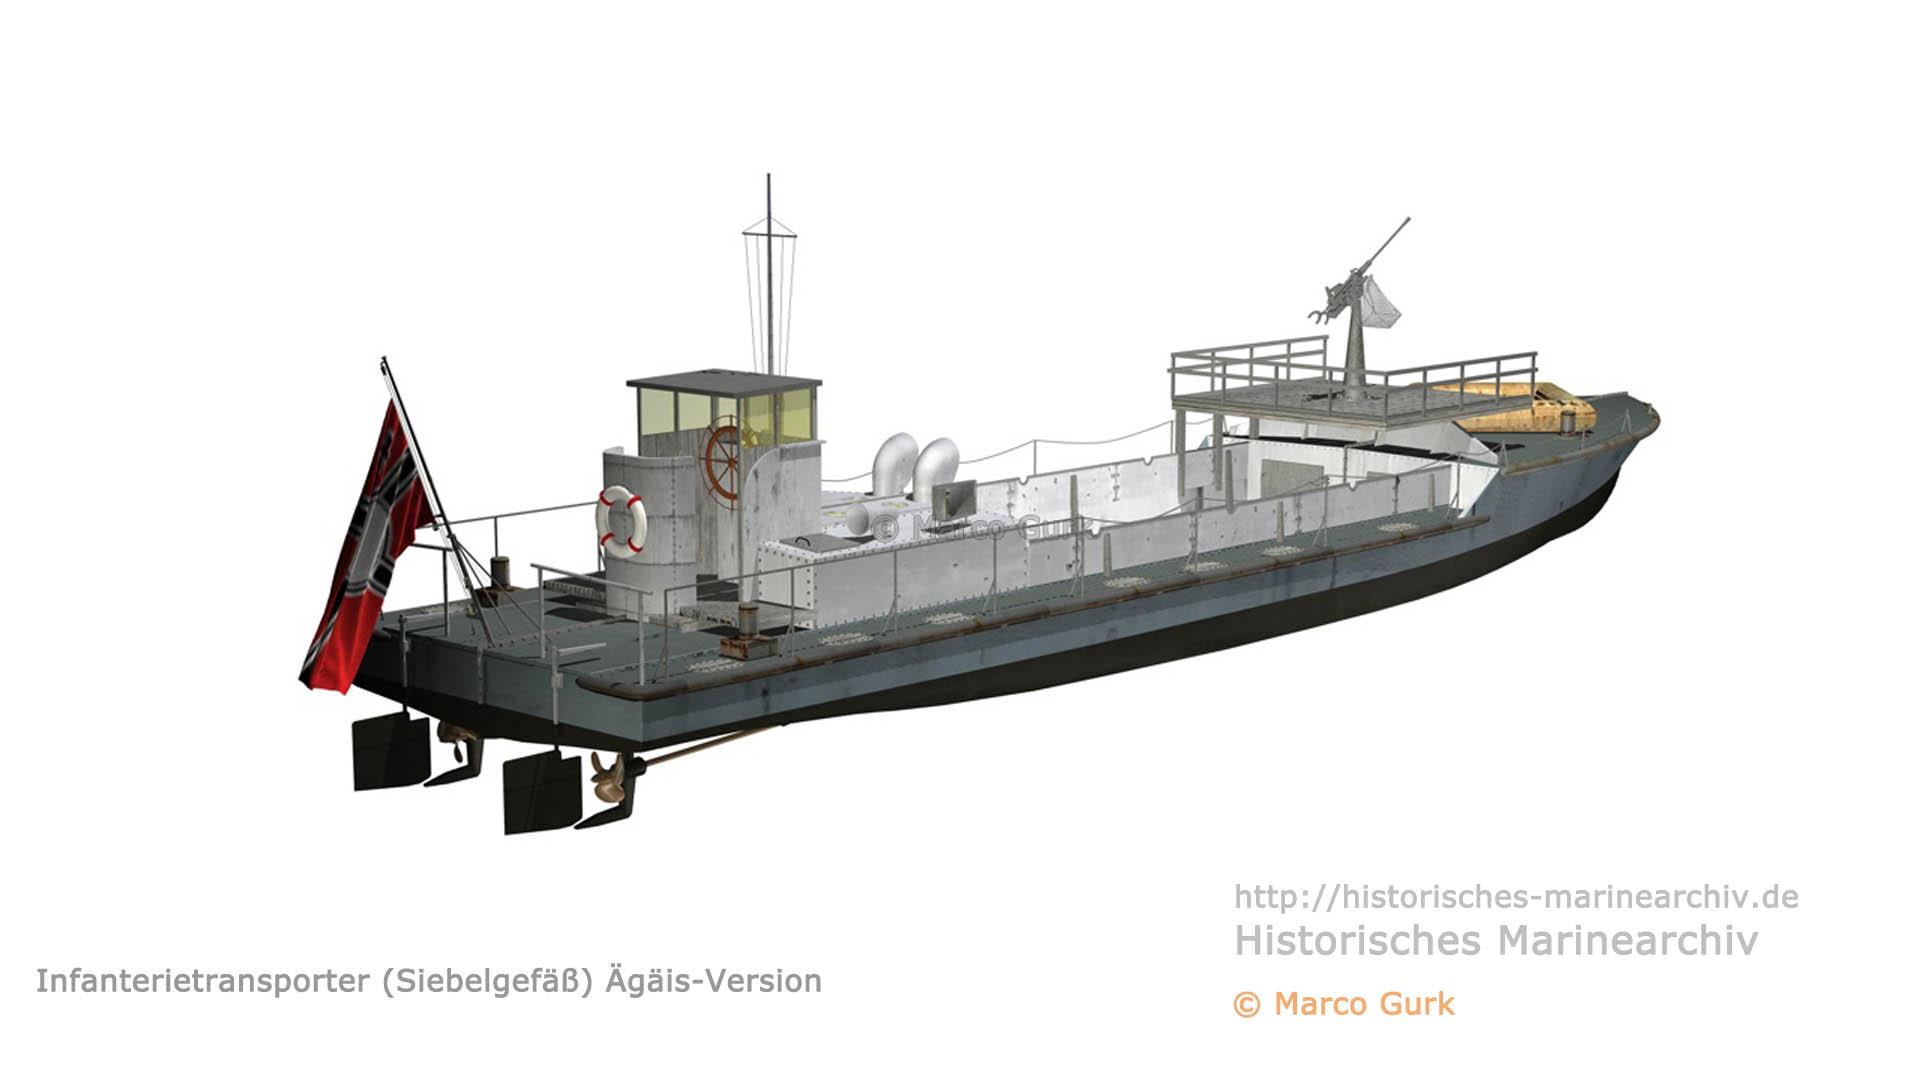 https://historisches-marinearchiv.de/ablage/grafiken/gurk/ITP/ITRAN_TYP_Siebel_aegaeis_svh.jpg